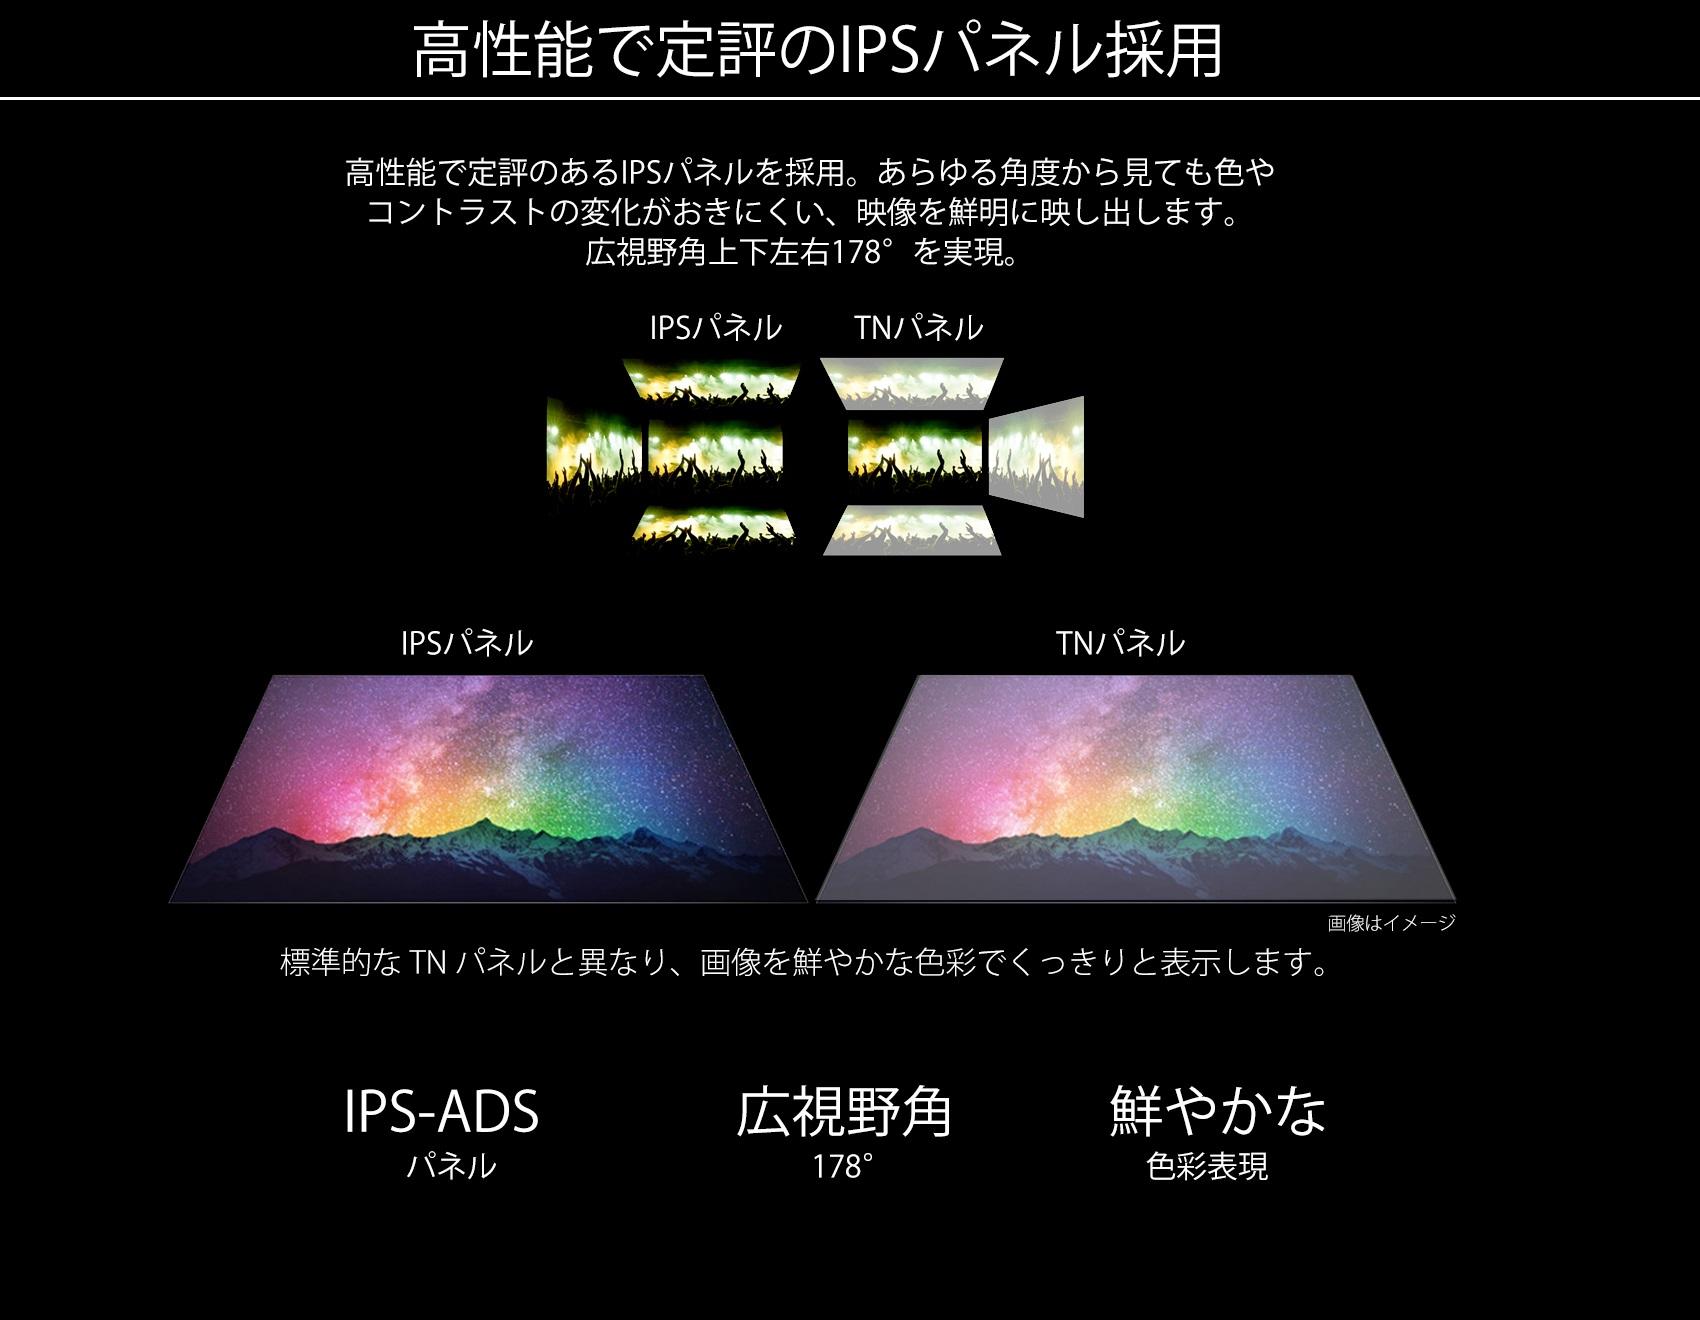 高性能で定評のスーパIPSパネル採用。IPSパネルを採用し、あらゆる角度から見ても色やコントラスト変化がおきにくい、画像を鮮明に映し出します。広視野角上下左右178°を実現。IPSパネル。標準的な TN パネルと異なり、画像を鮮やかな色彩でくっきりと表示します。快適な写真鑑賞やウェブブラウズができるのたけでなく、色の正確性や一貫した明るさを常に求める専門用途にも最適です。